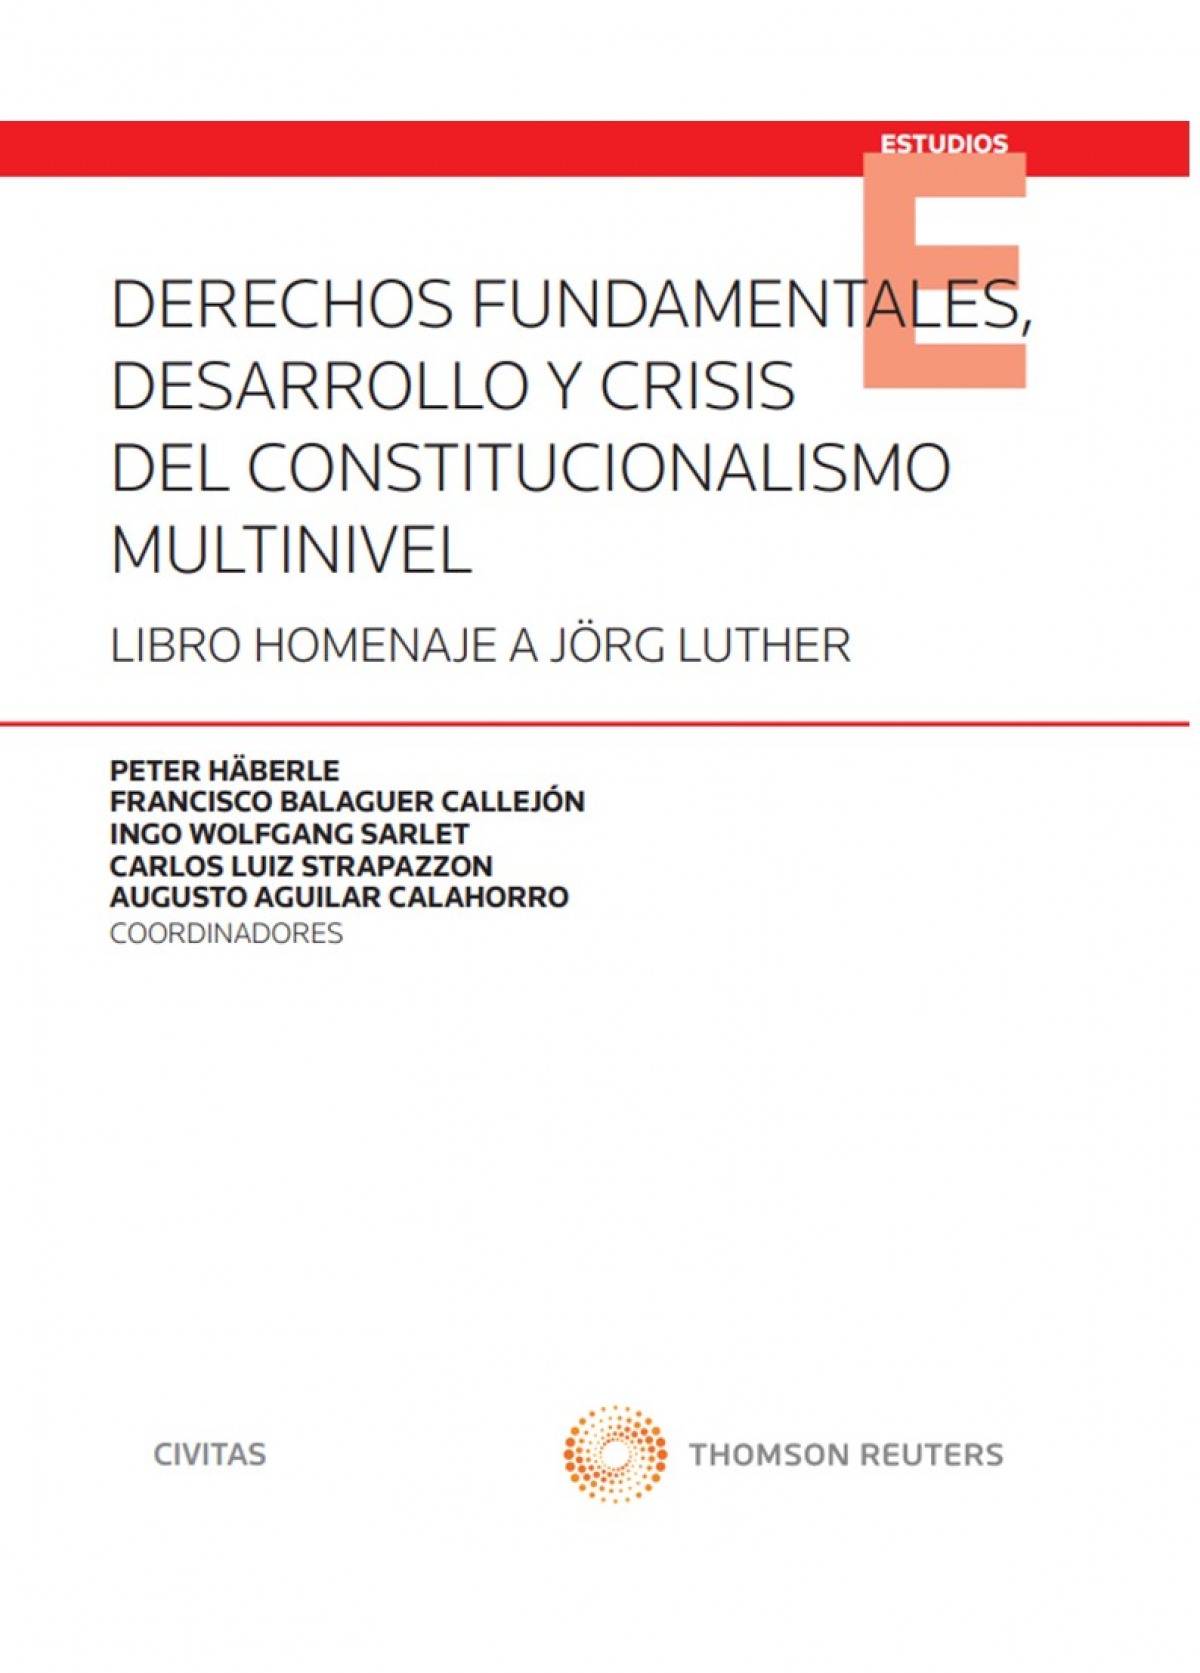 DERECHOS FUNDAMENTALES DESARROLLO CRISIS CONSTITUCIONALISMO